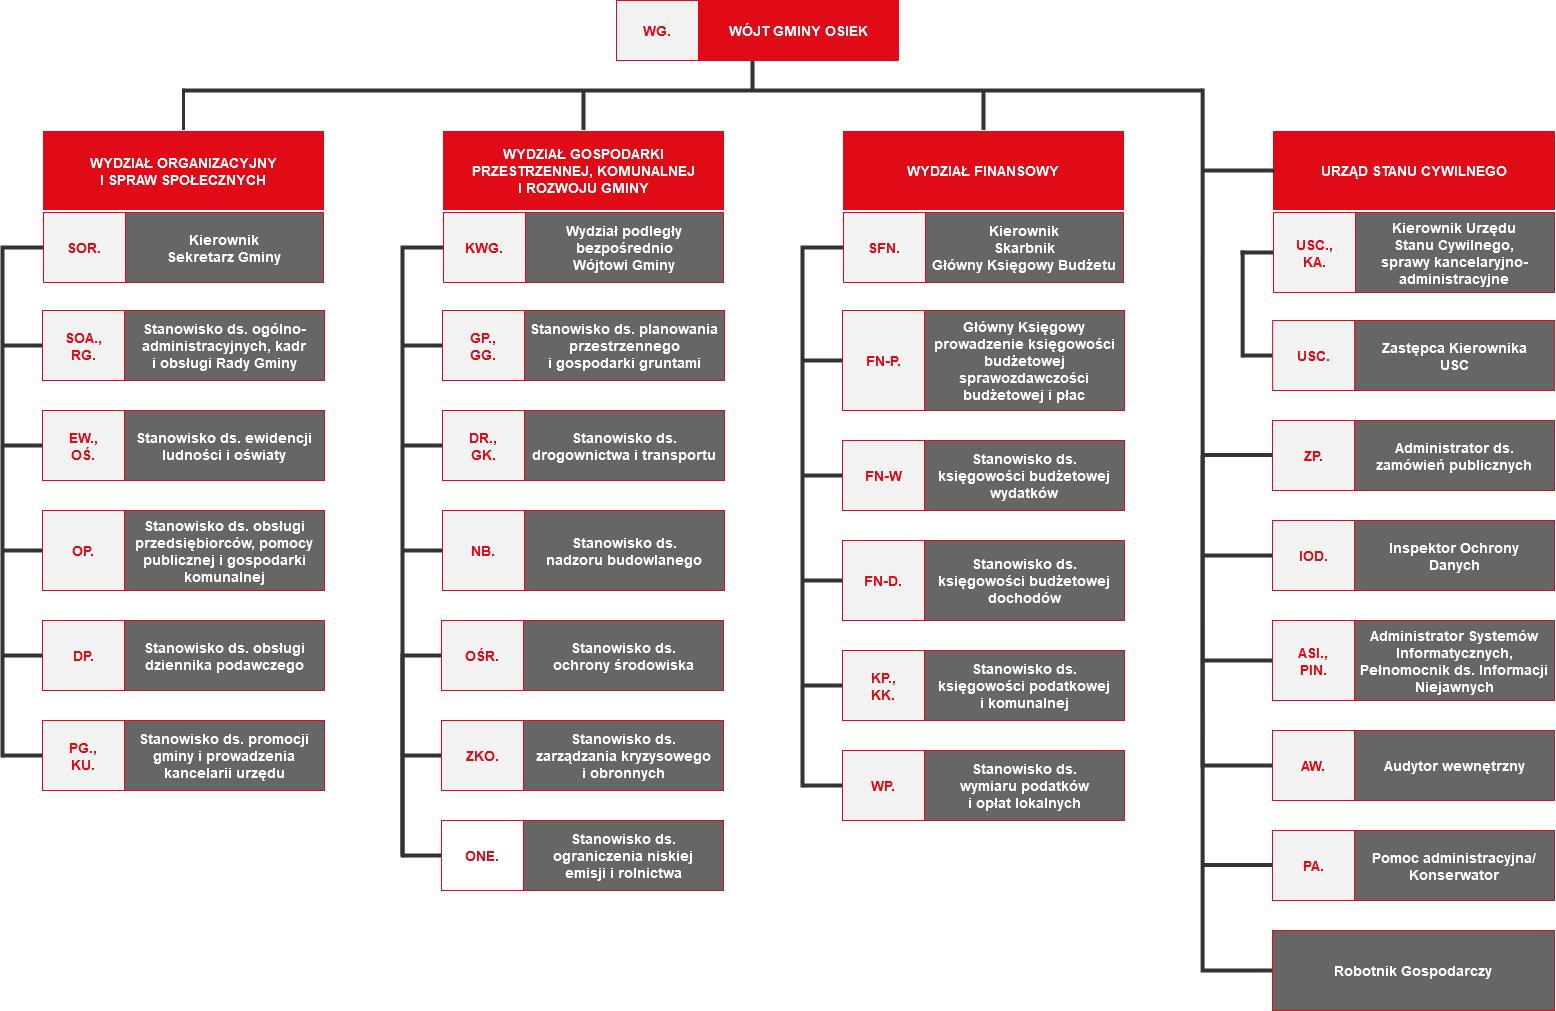 schemat organizacyjny ug osiek